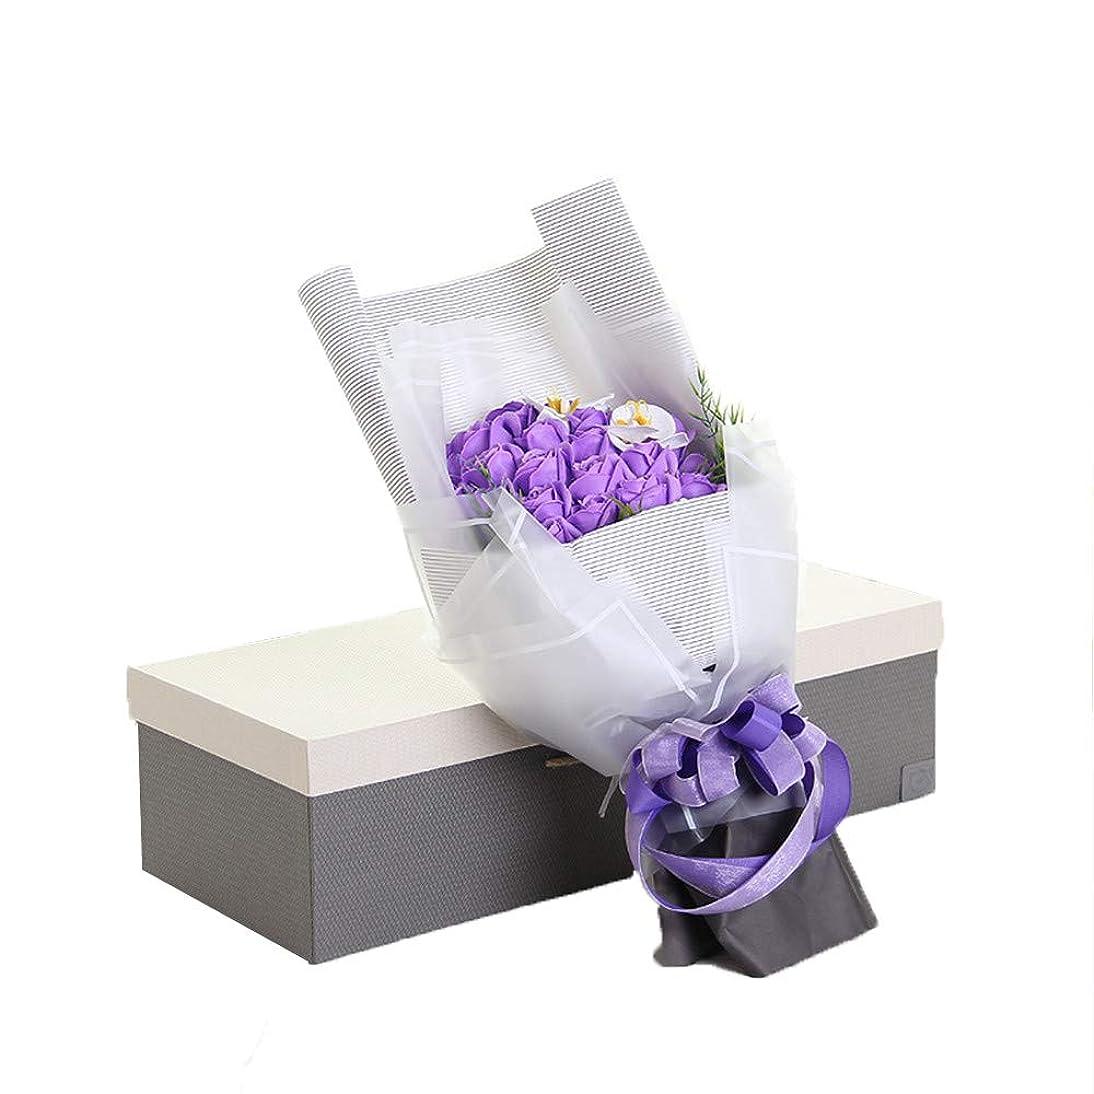 外観受取人狂乱手作り29石鹸花の花束ギフトボックス、女性のためのギフトバレンタインデー、母の日、結婚式、クリスマス、誕生日(ベアカラーランダム) (色 : 紫の)